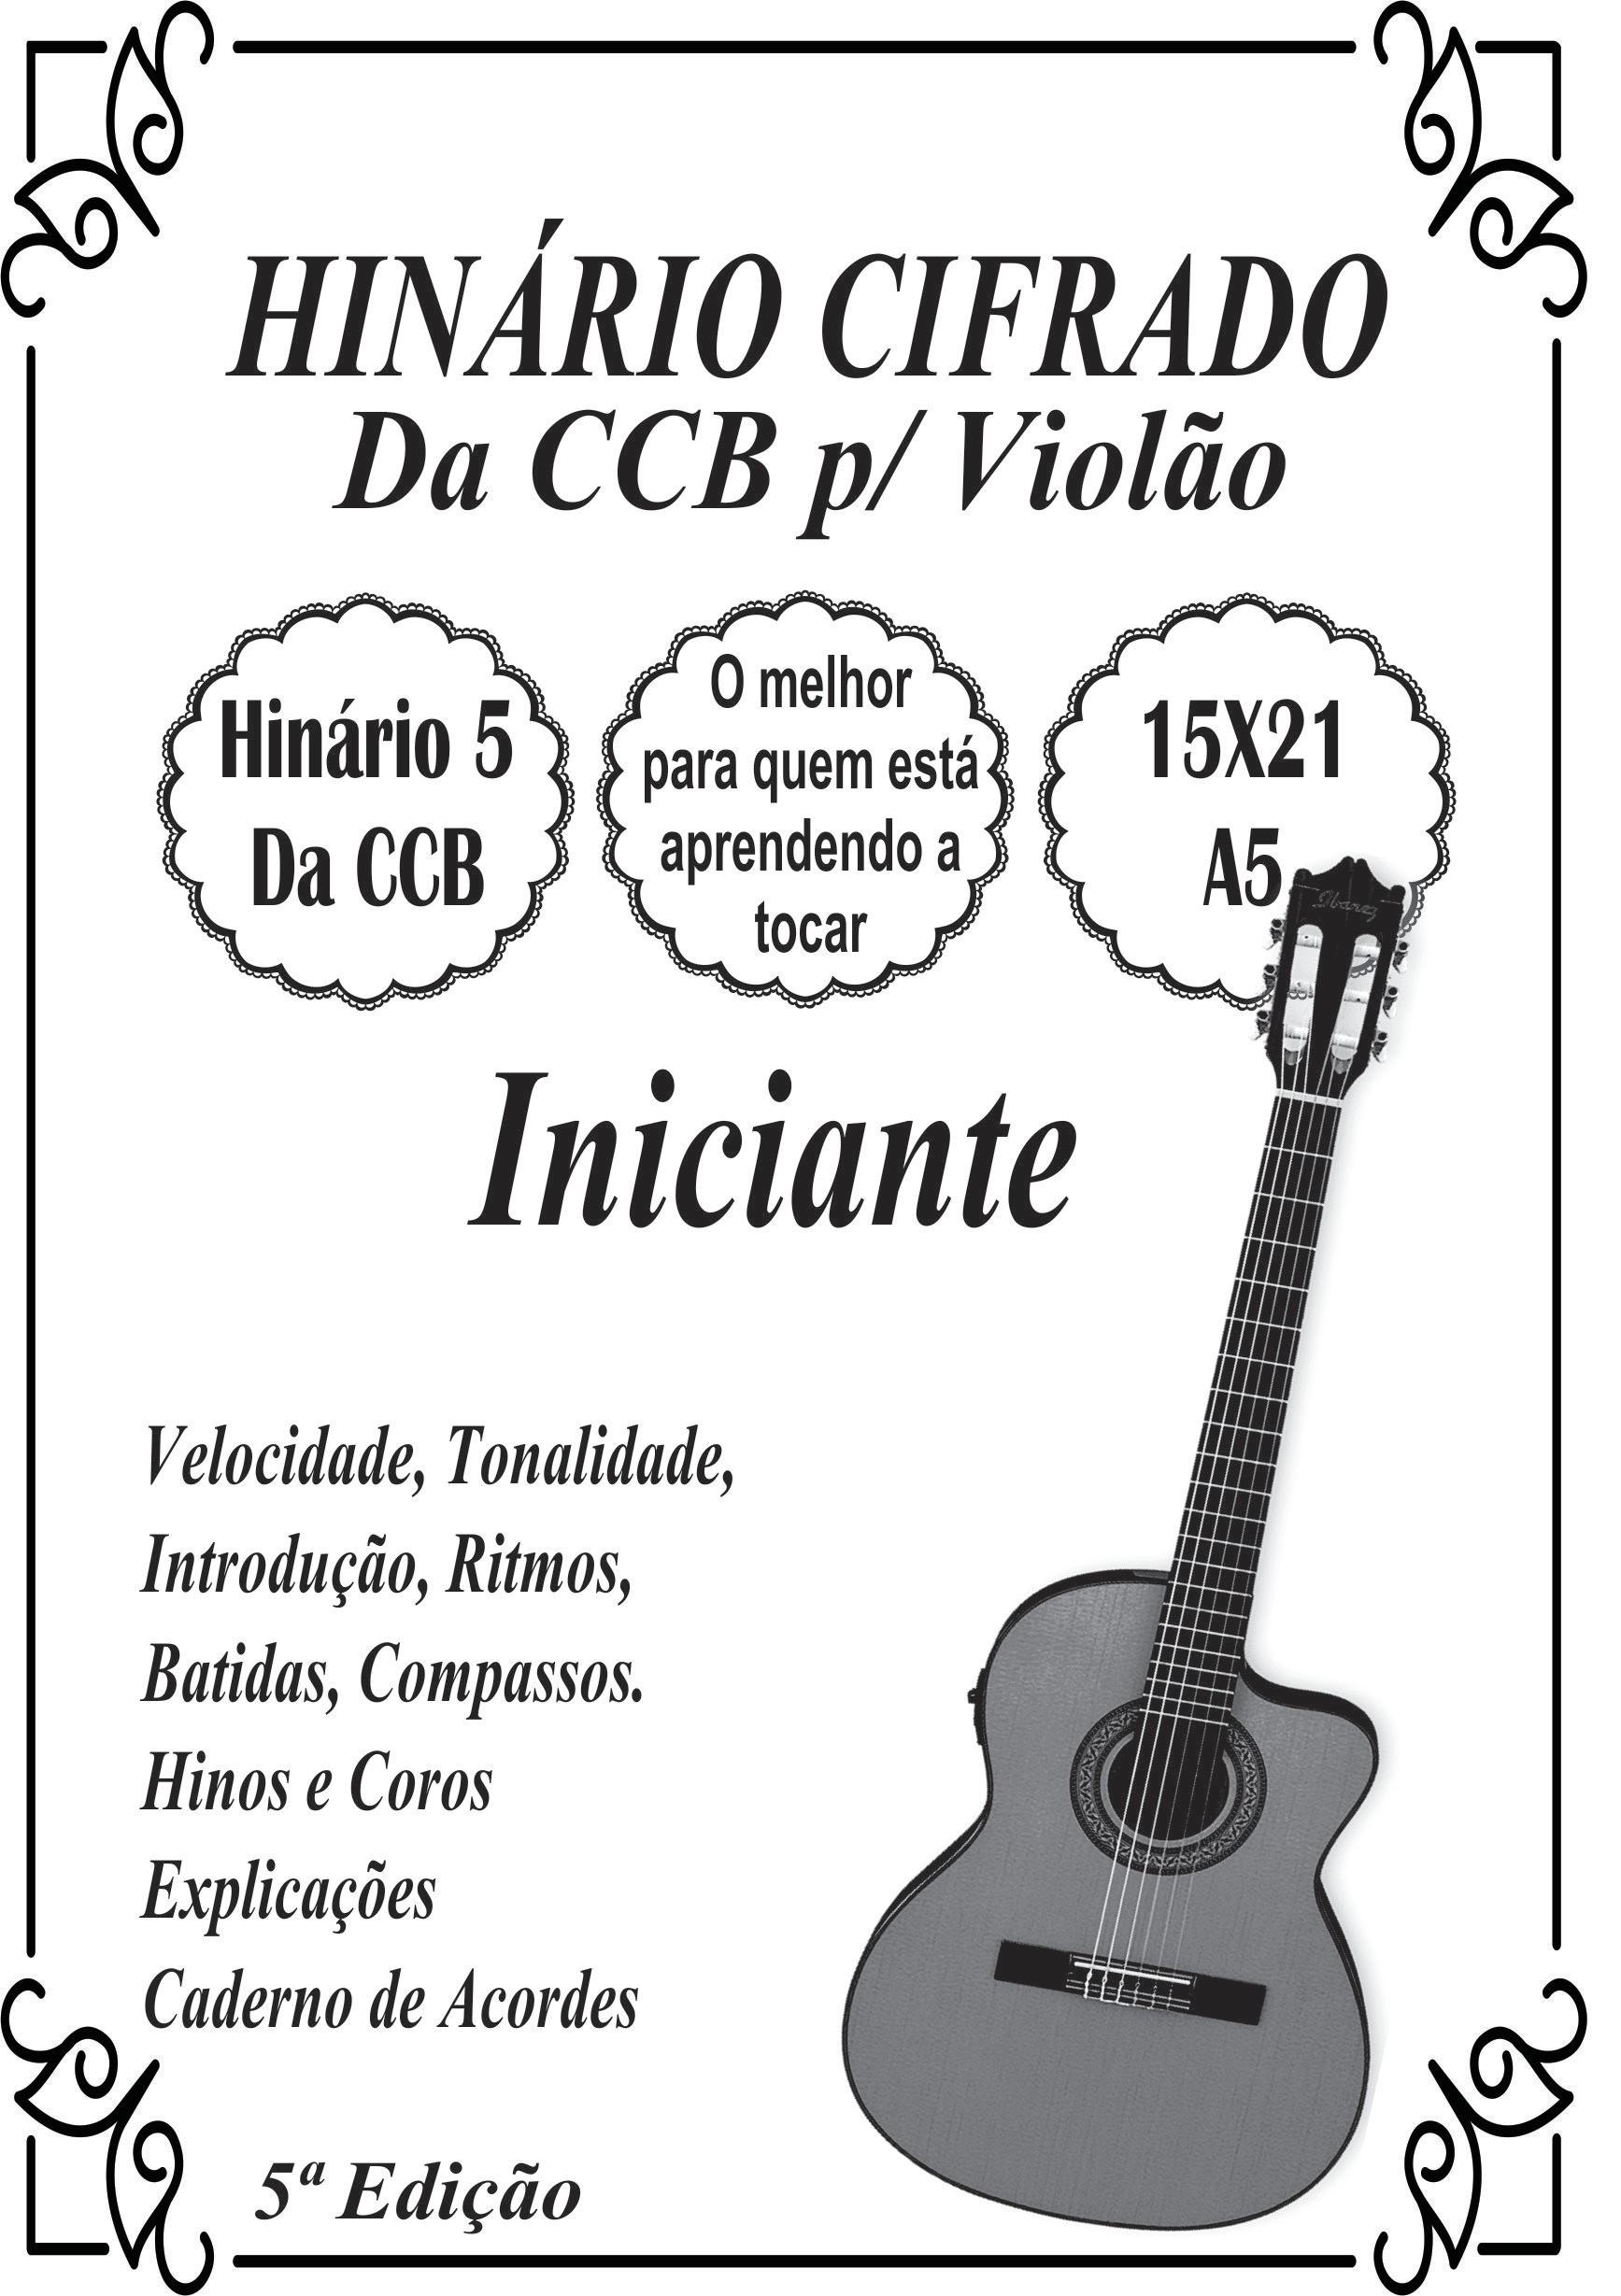 Hinos Cifrados Da Ccb P Violao A6 10x15 Facil Colorido No